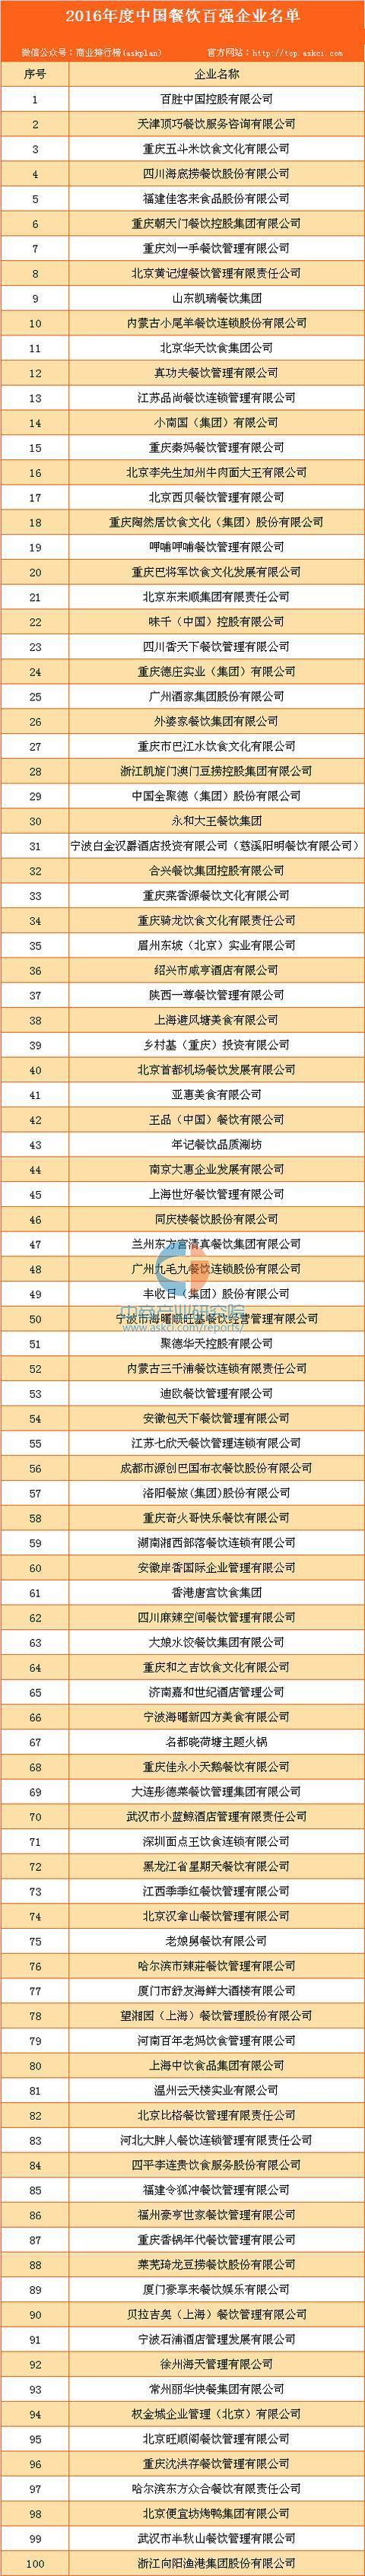 2016年度中國餐飲百強企業排行榜